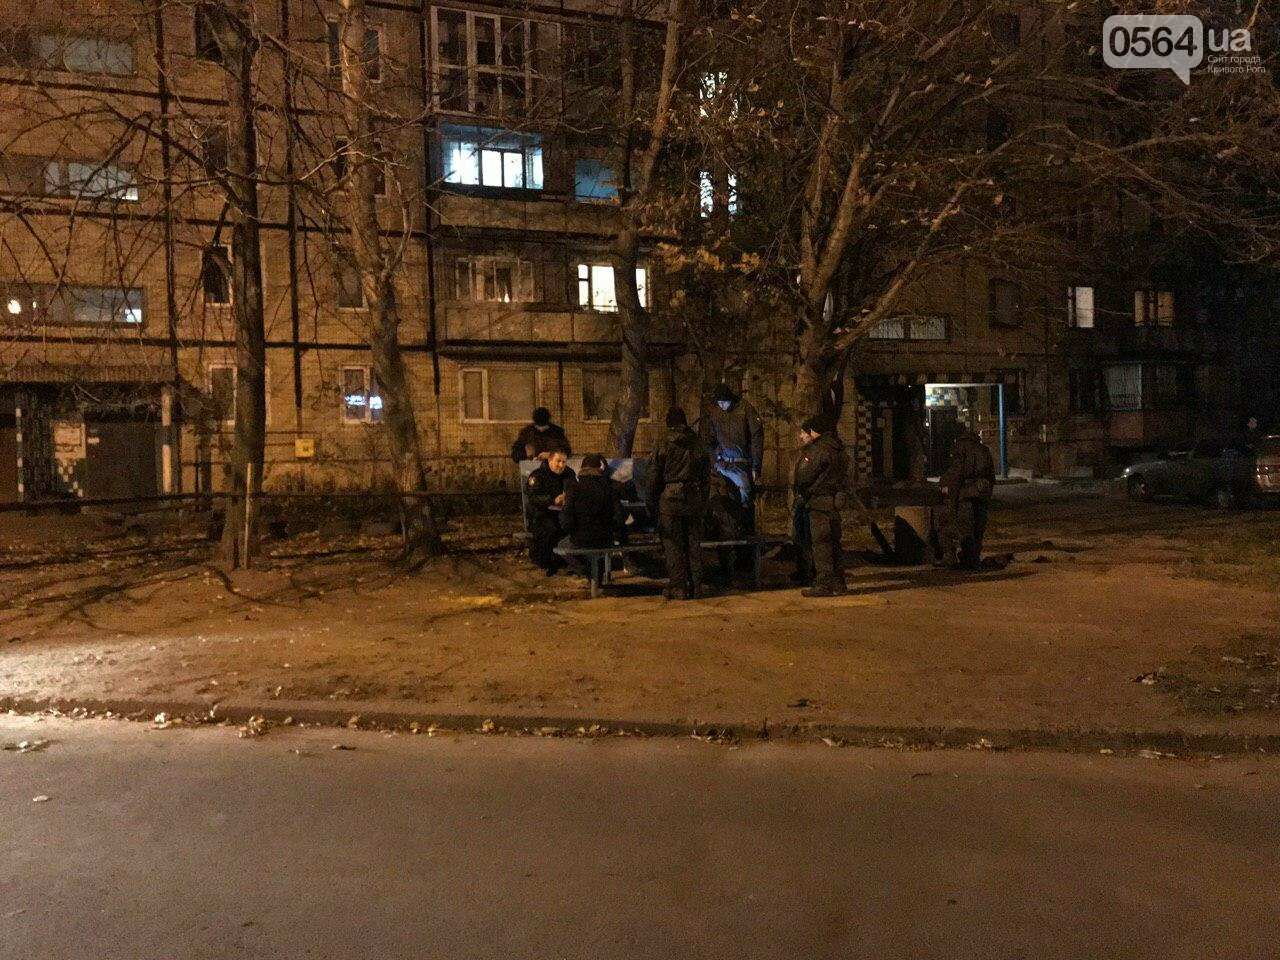 """""""Чувак нашел закладку и мы его задержали"""": криворожане стали очевидцами задержания наркозависимого, - ФОТО , фото-9"""